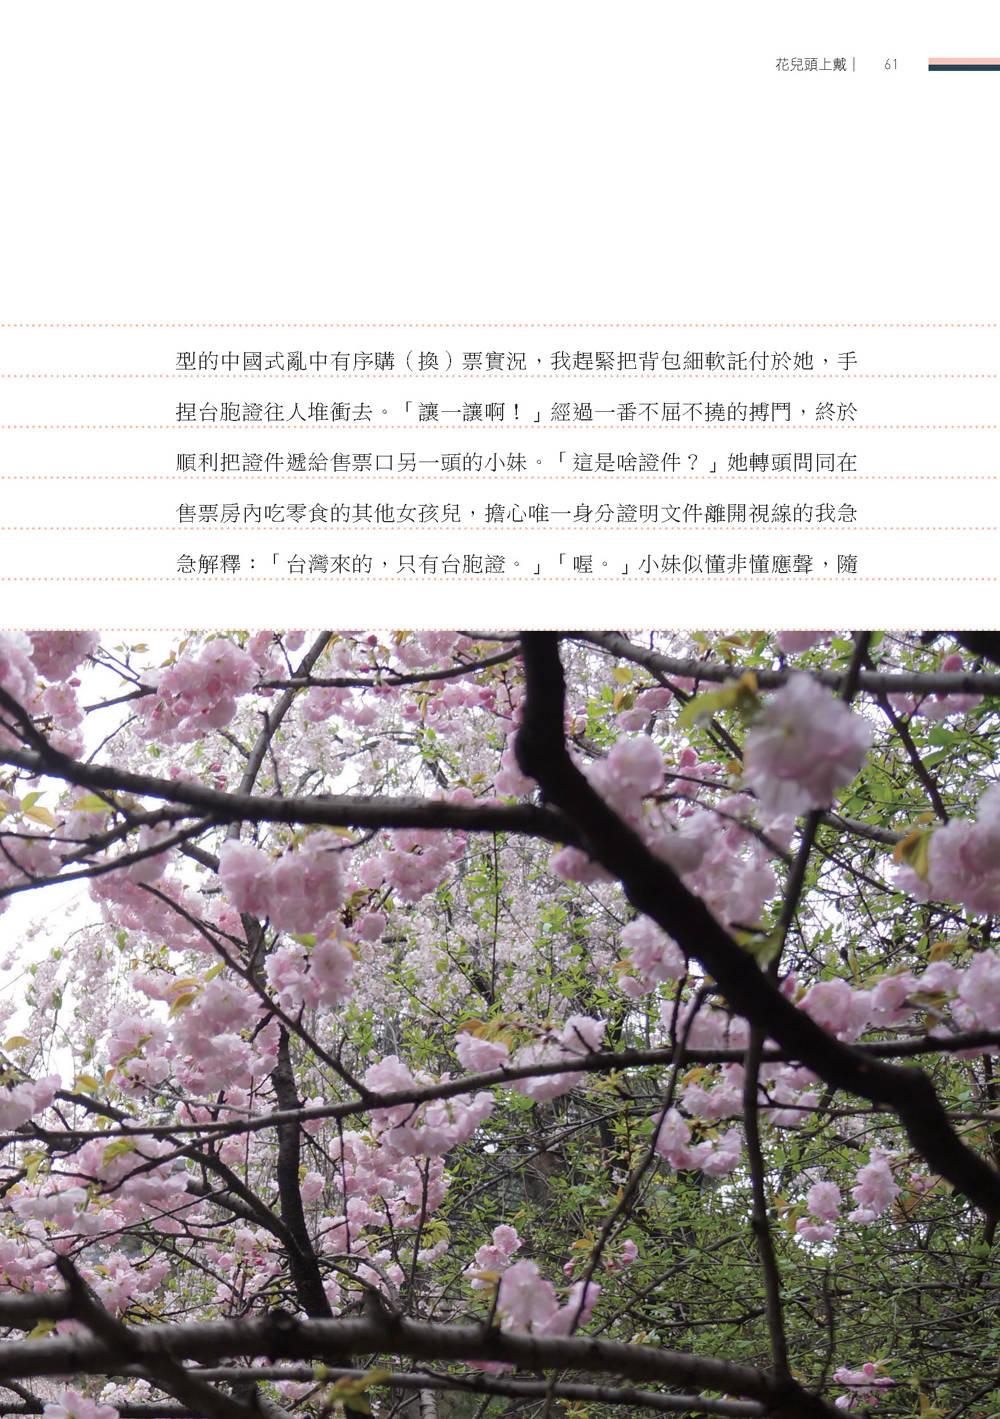 http://im2.book.com.tw/image/getImage?i=http://www.books.com.tw/img/001/071/93/0010719376_b_05.jpg&v=57629c41&w=655&h=609